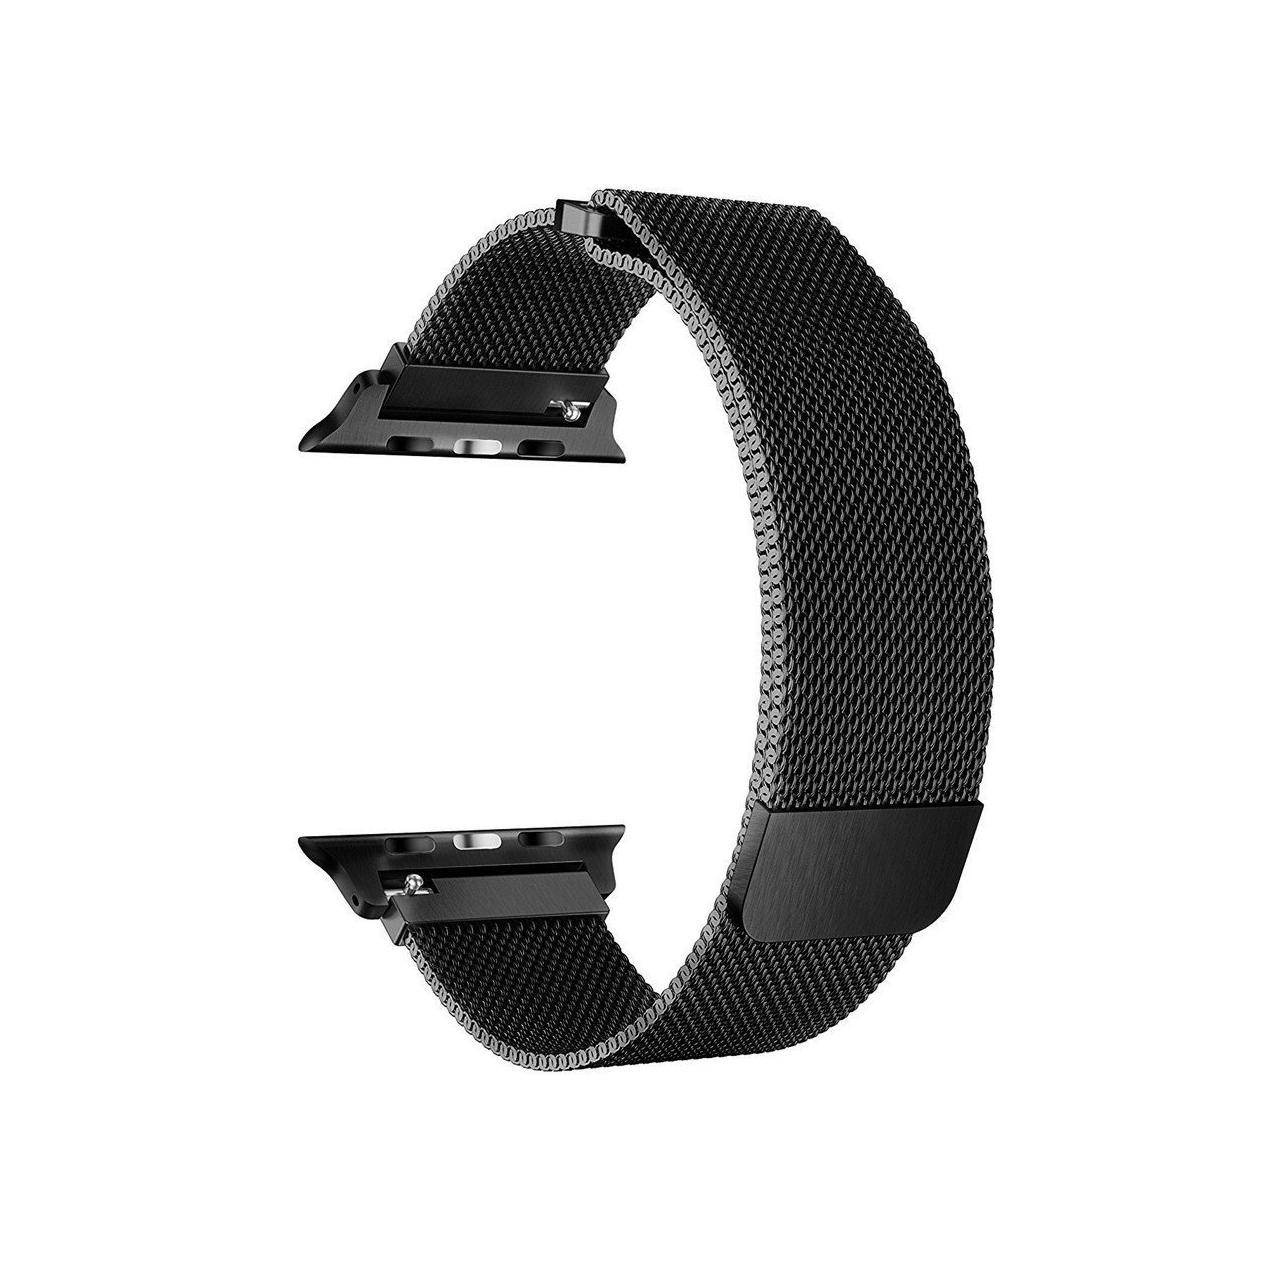 بند فلزی مدل Millanese مناسب برای ساعت هوشمند اپل 38 میلی متری